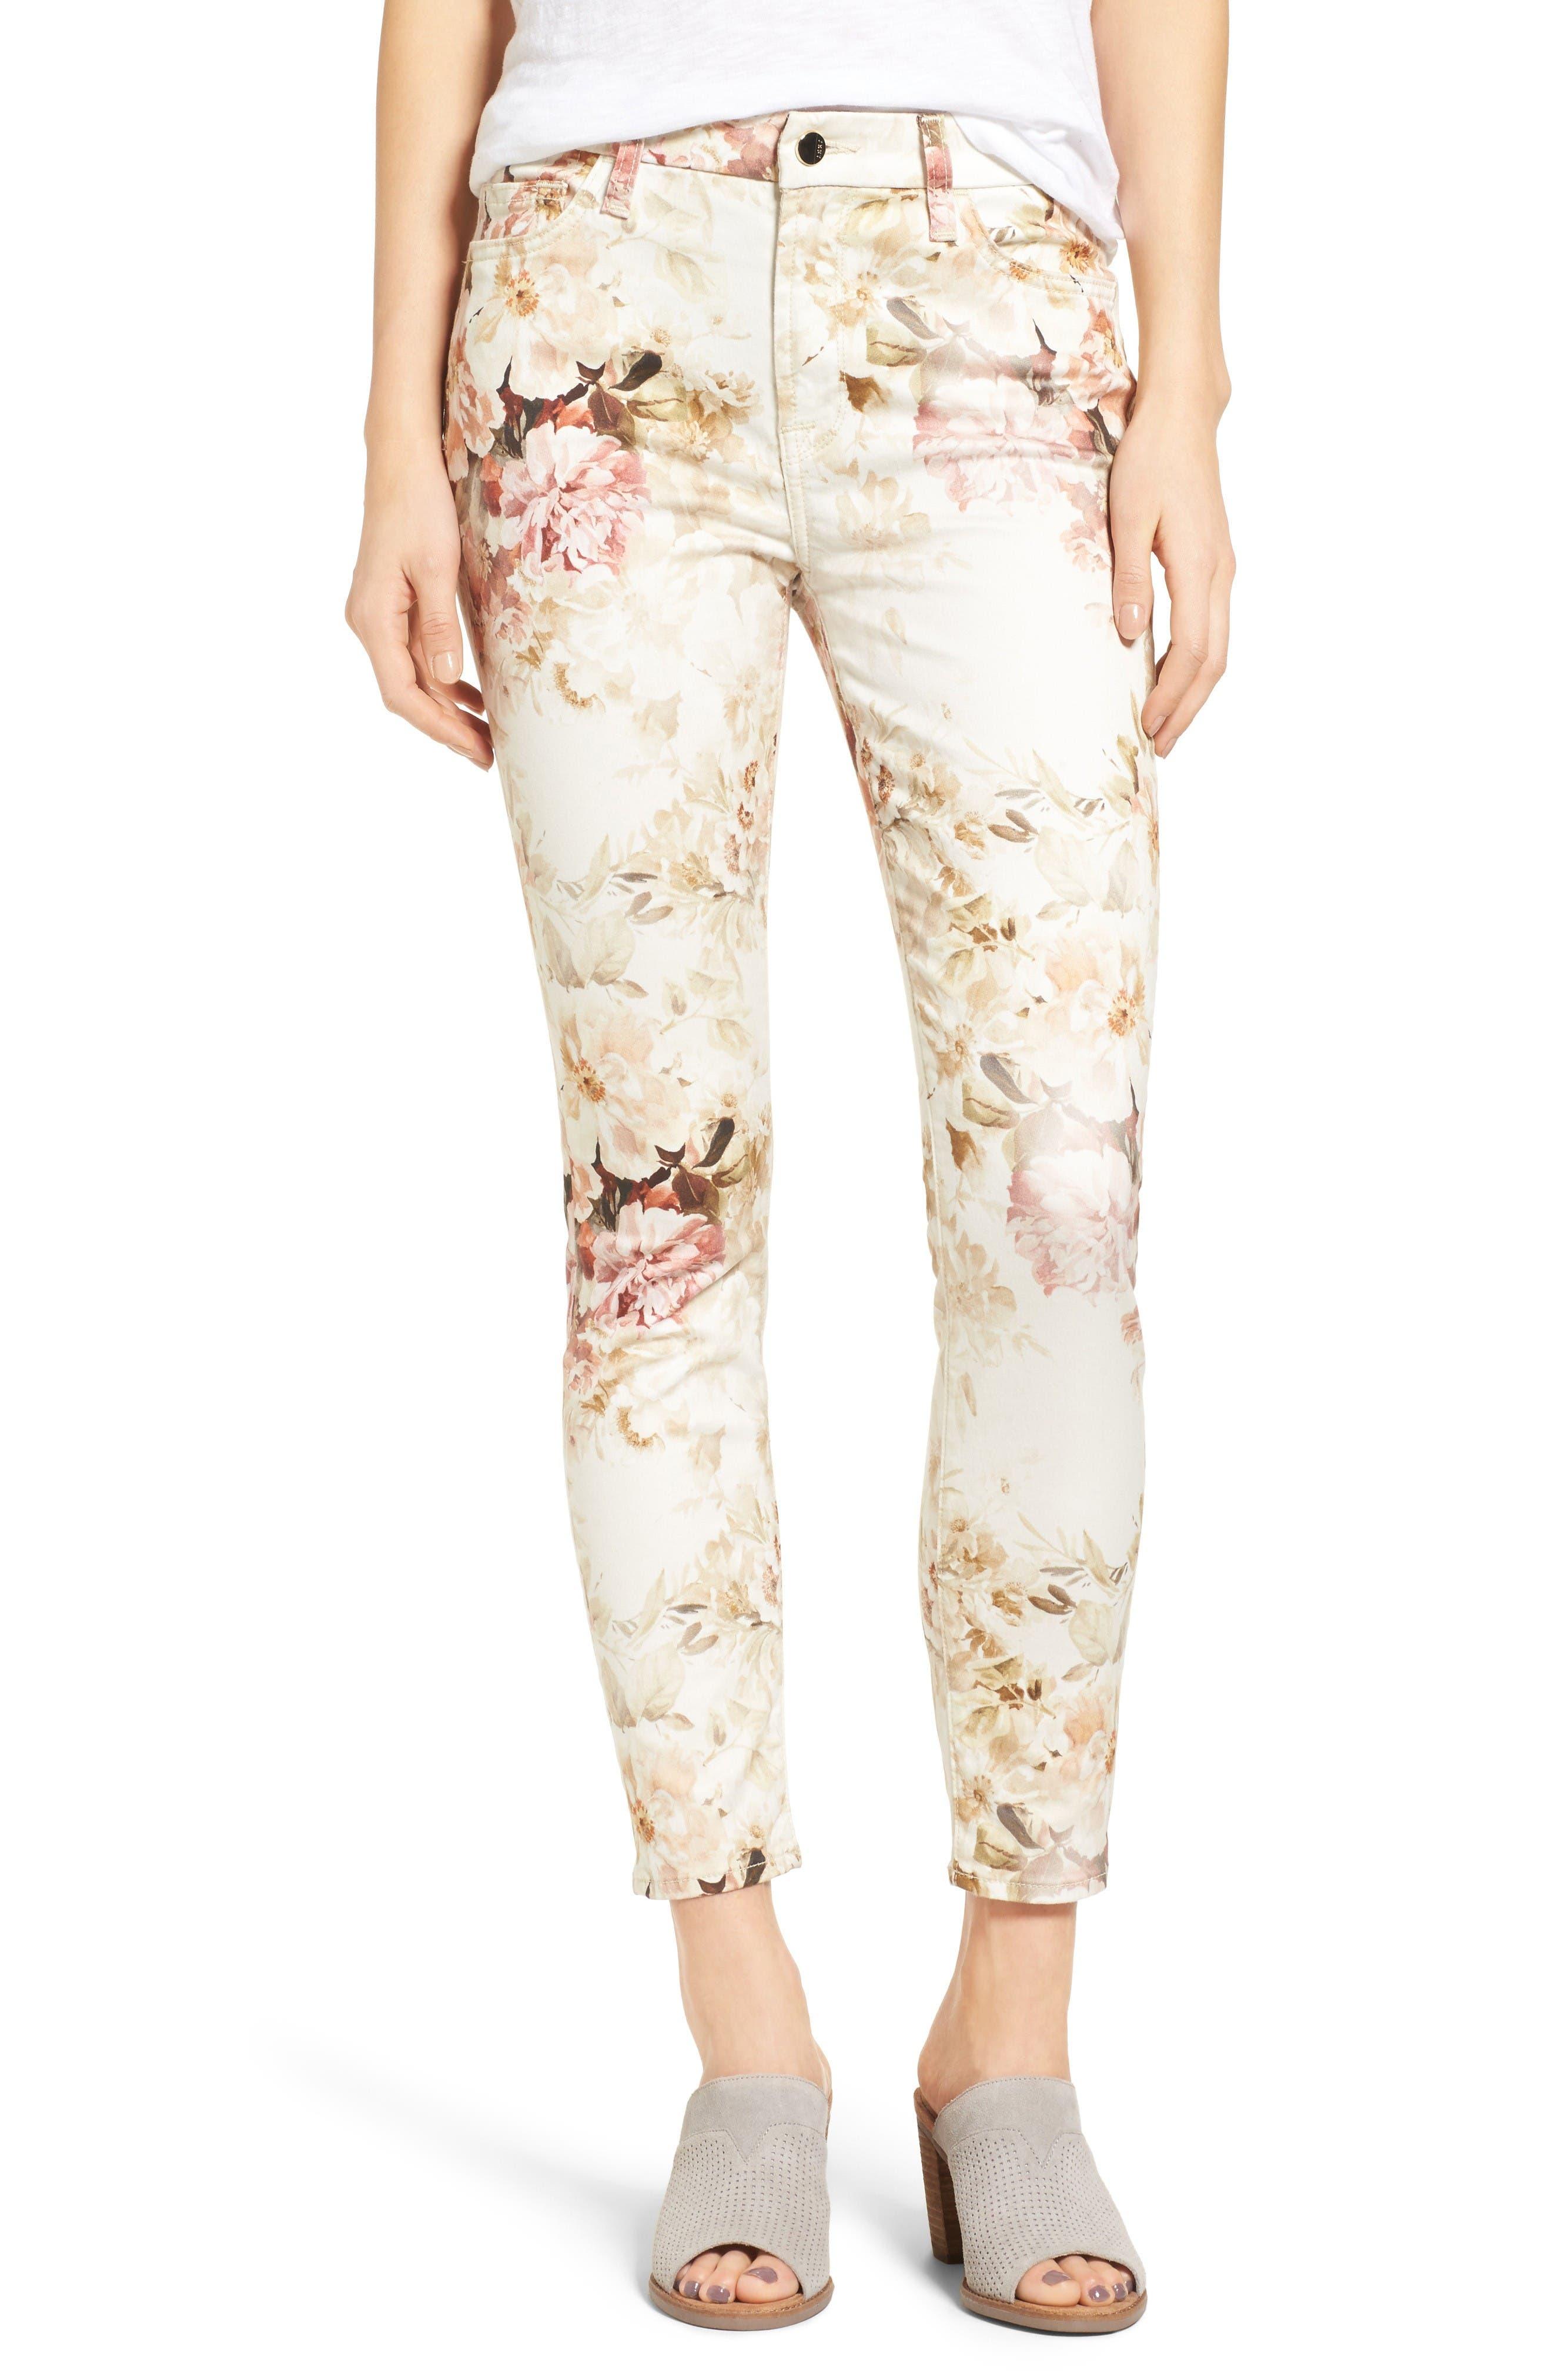 Alternate Image 1 Selected - Jen7 Floral Print Stretch Ankle Skinny Jeans (Vintage Garden)